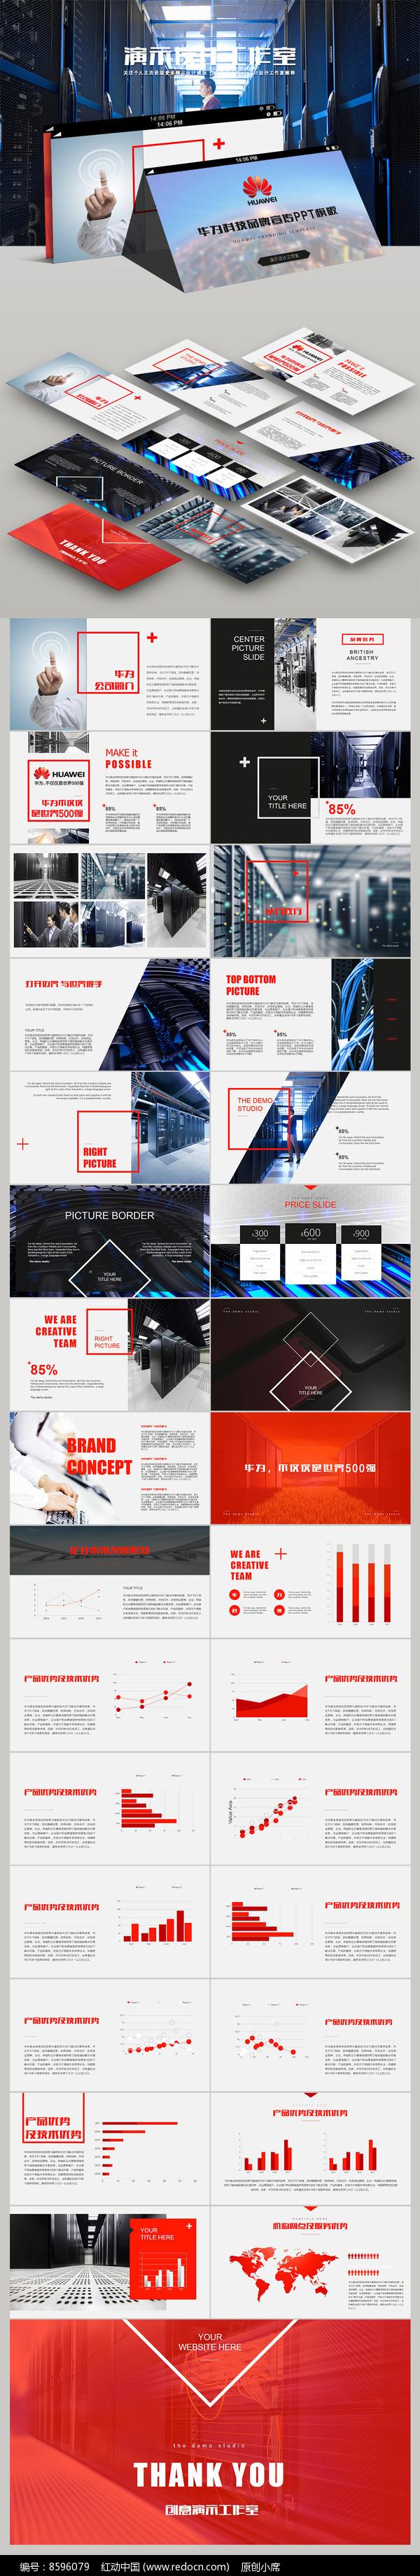 华为科技集团工作总结计划PPT